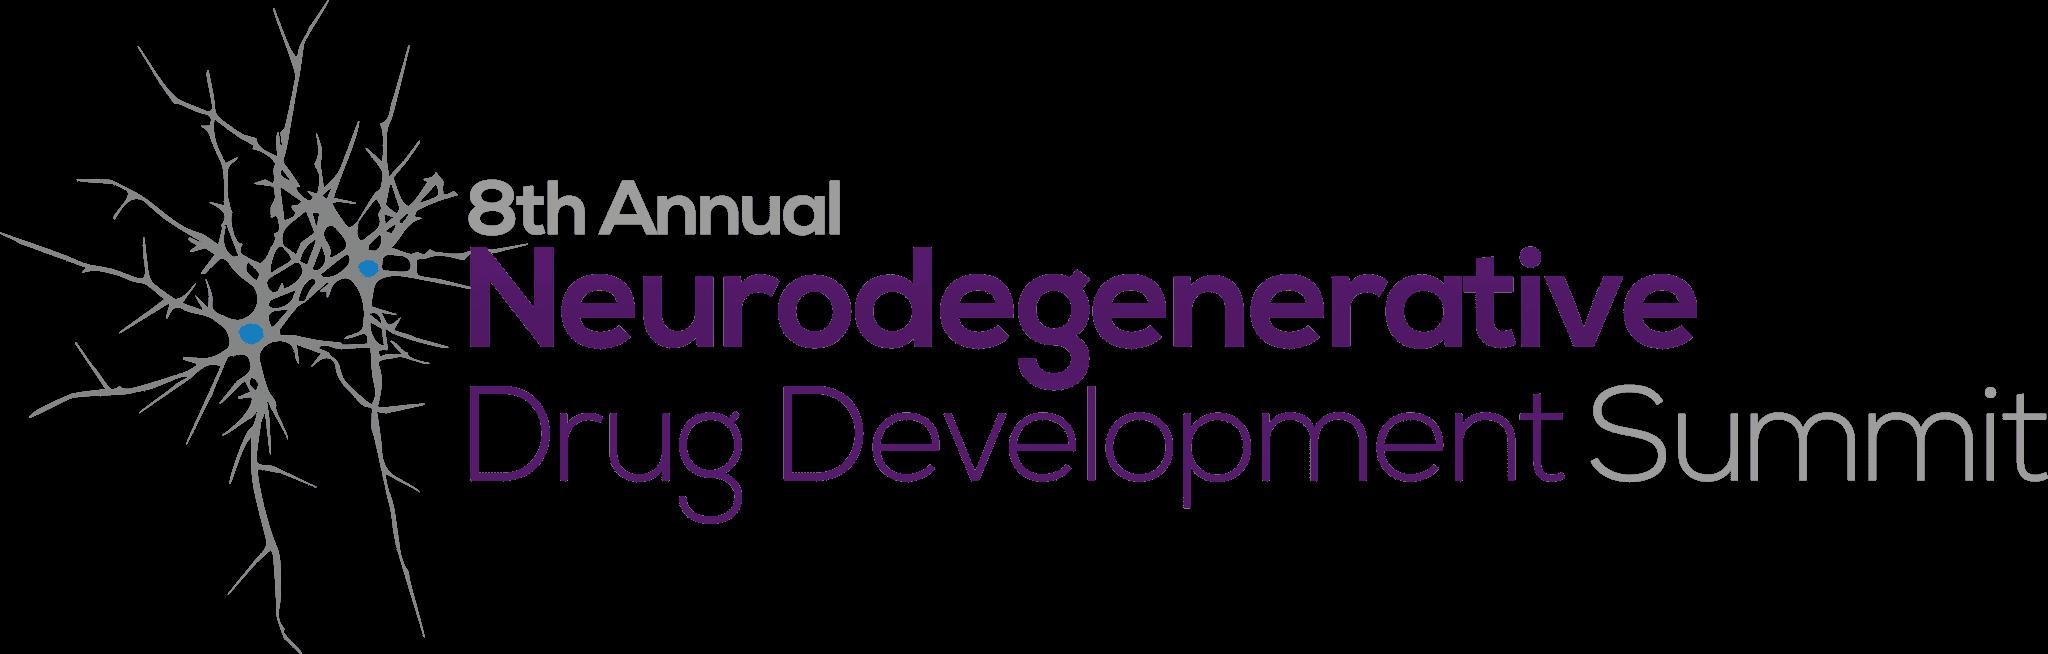 NDDS-logo-2020